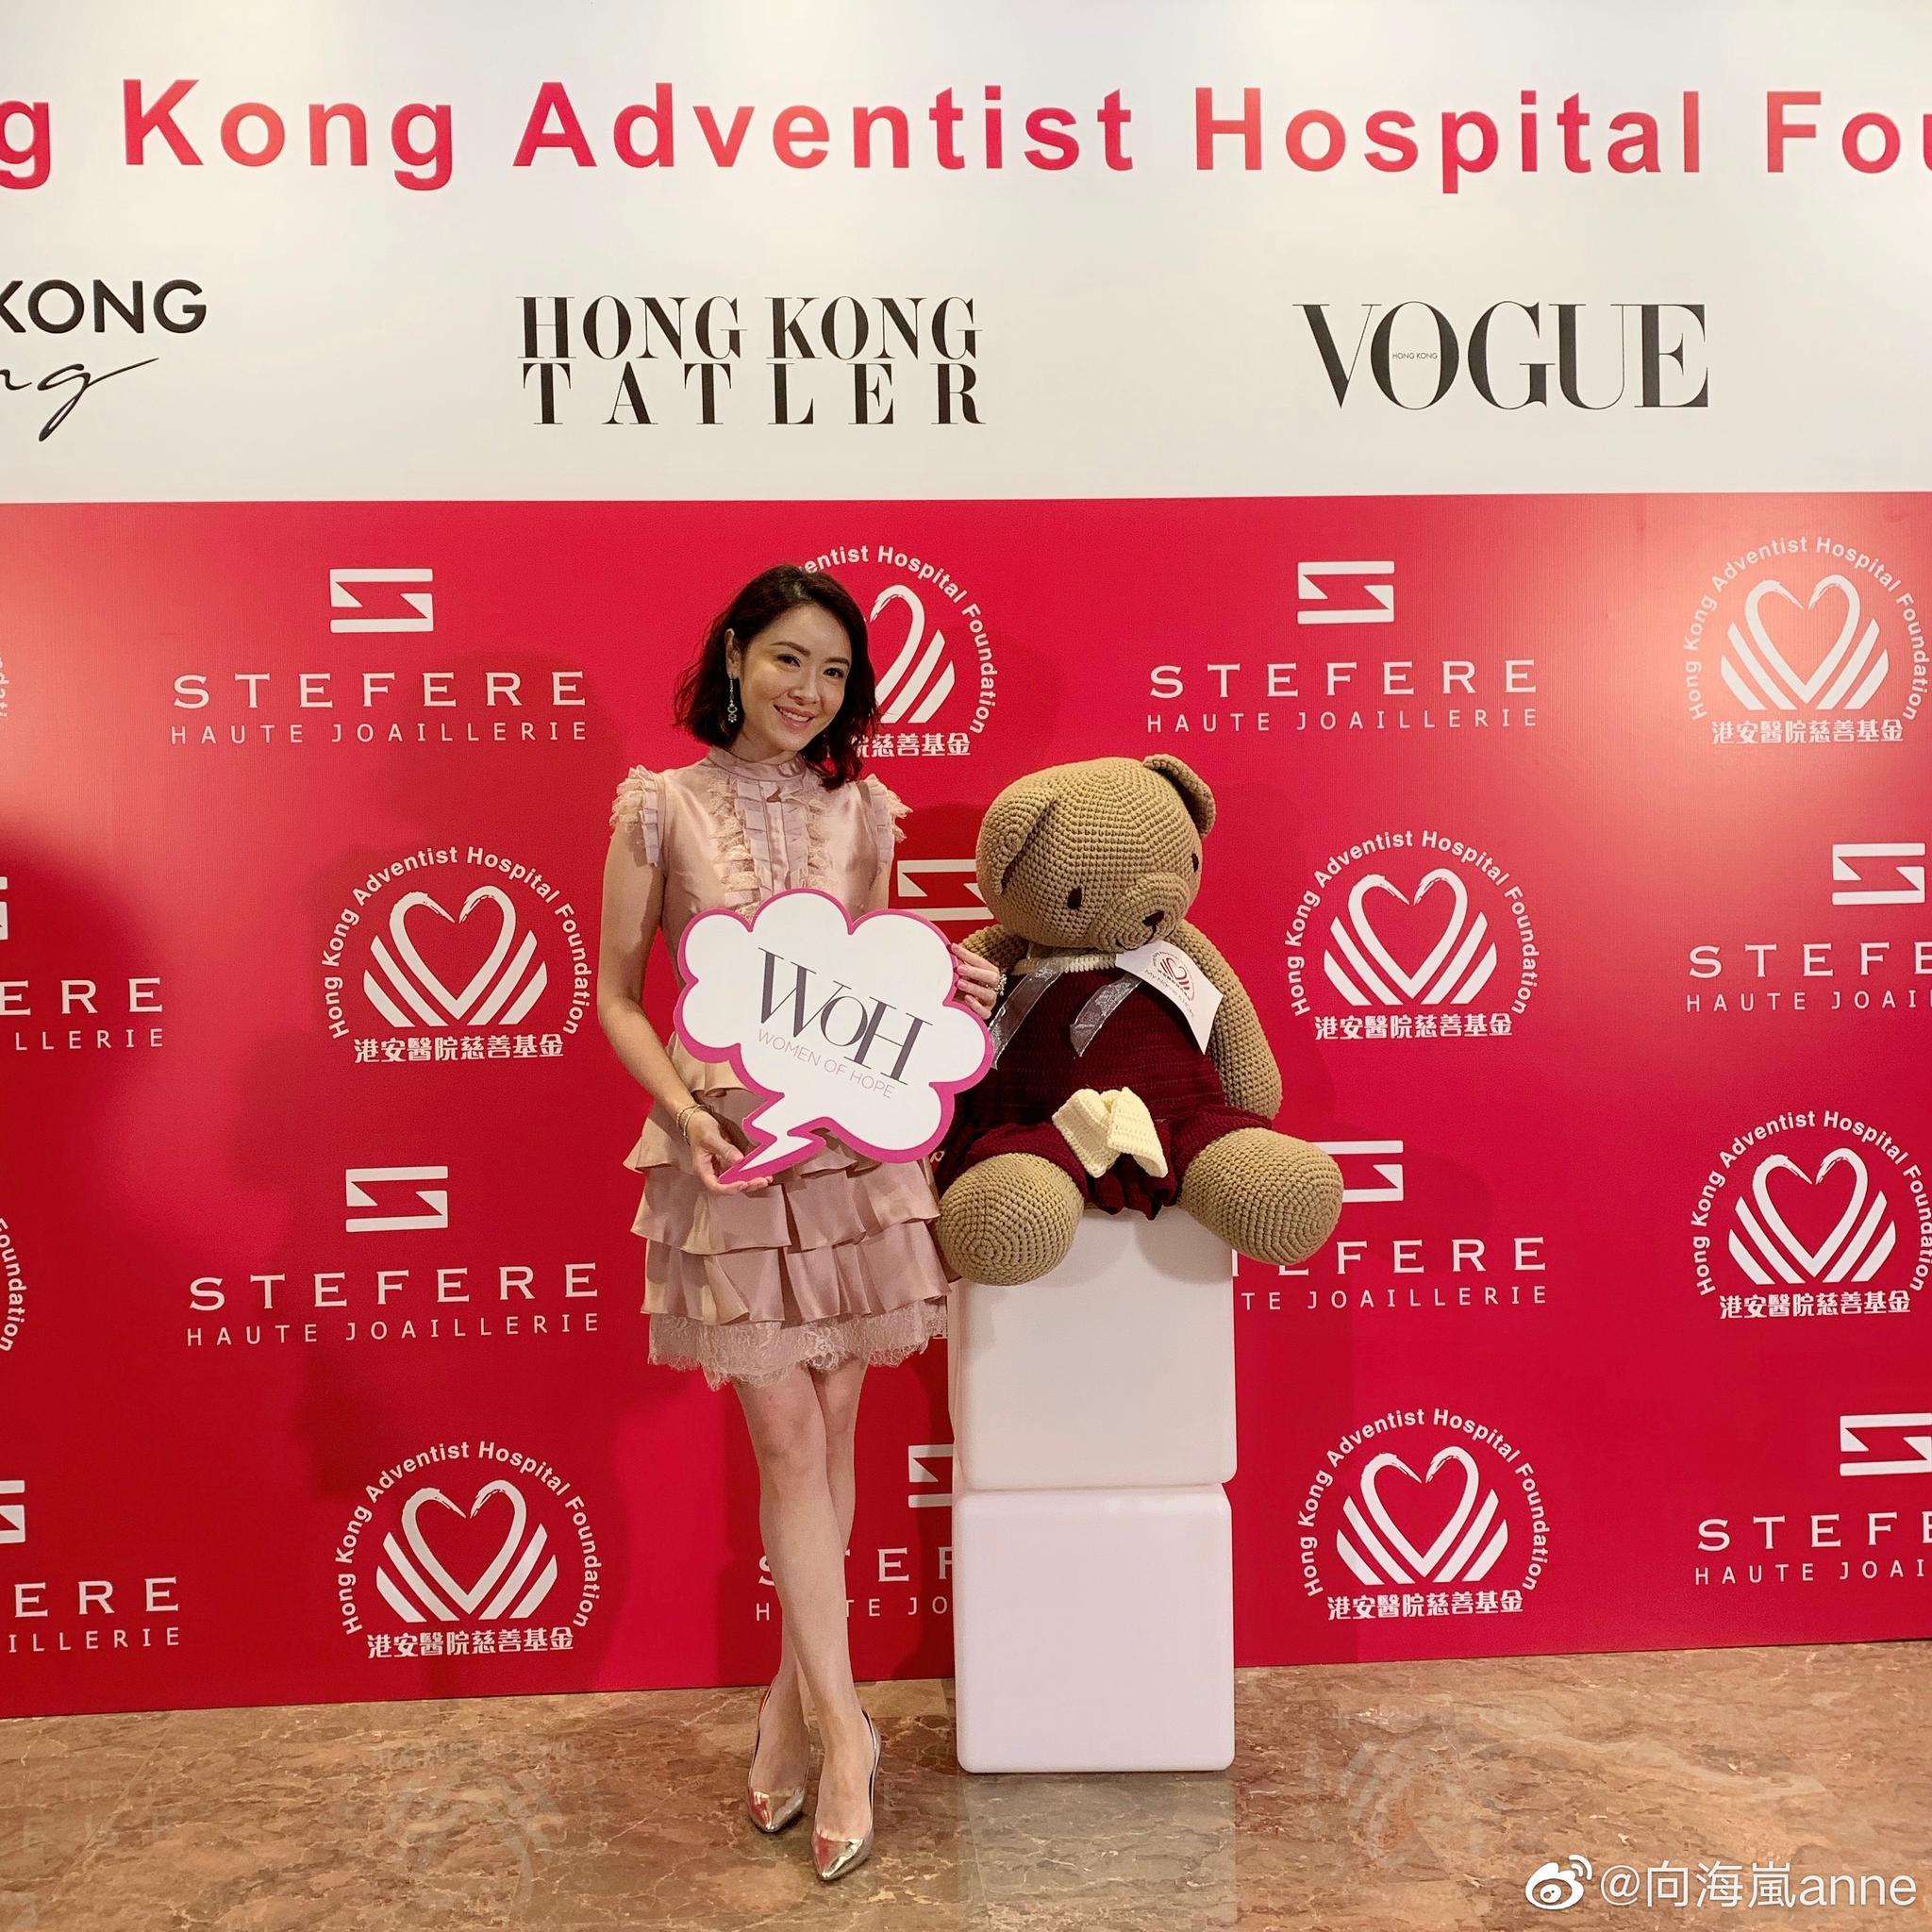 謝謝@鄭紹康天下第一關 的邀請港安醫院慈善基金籌款午宴 ☺️